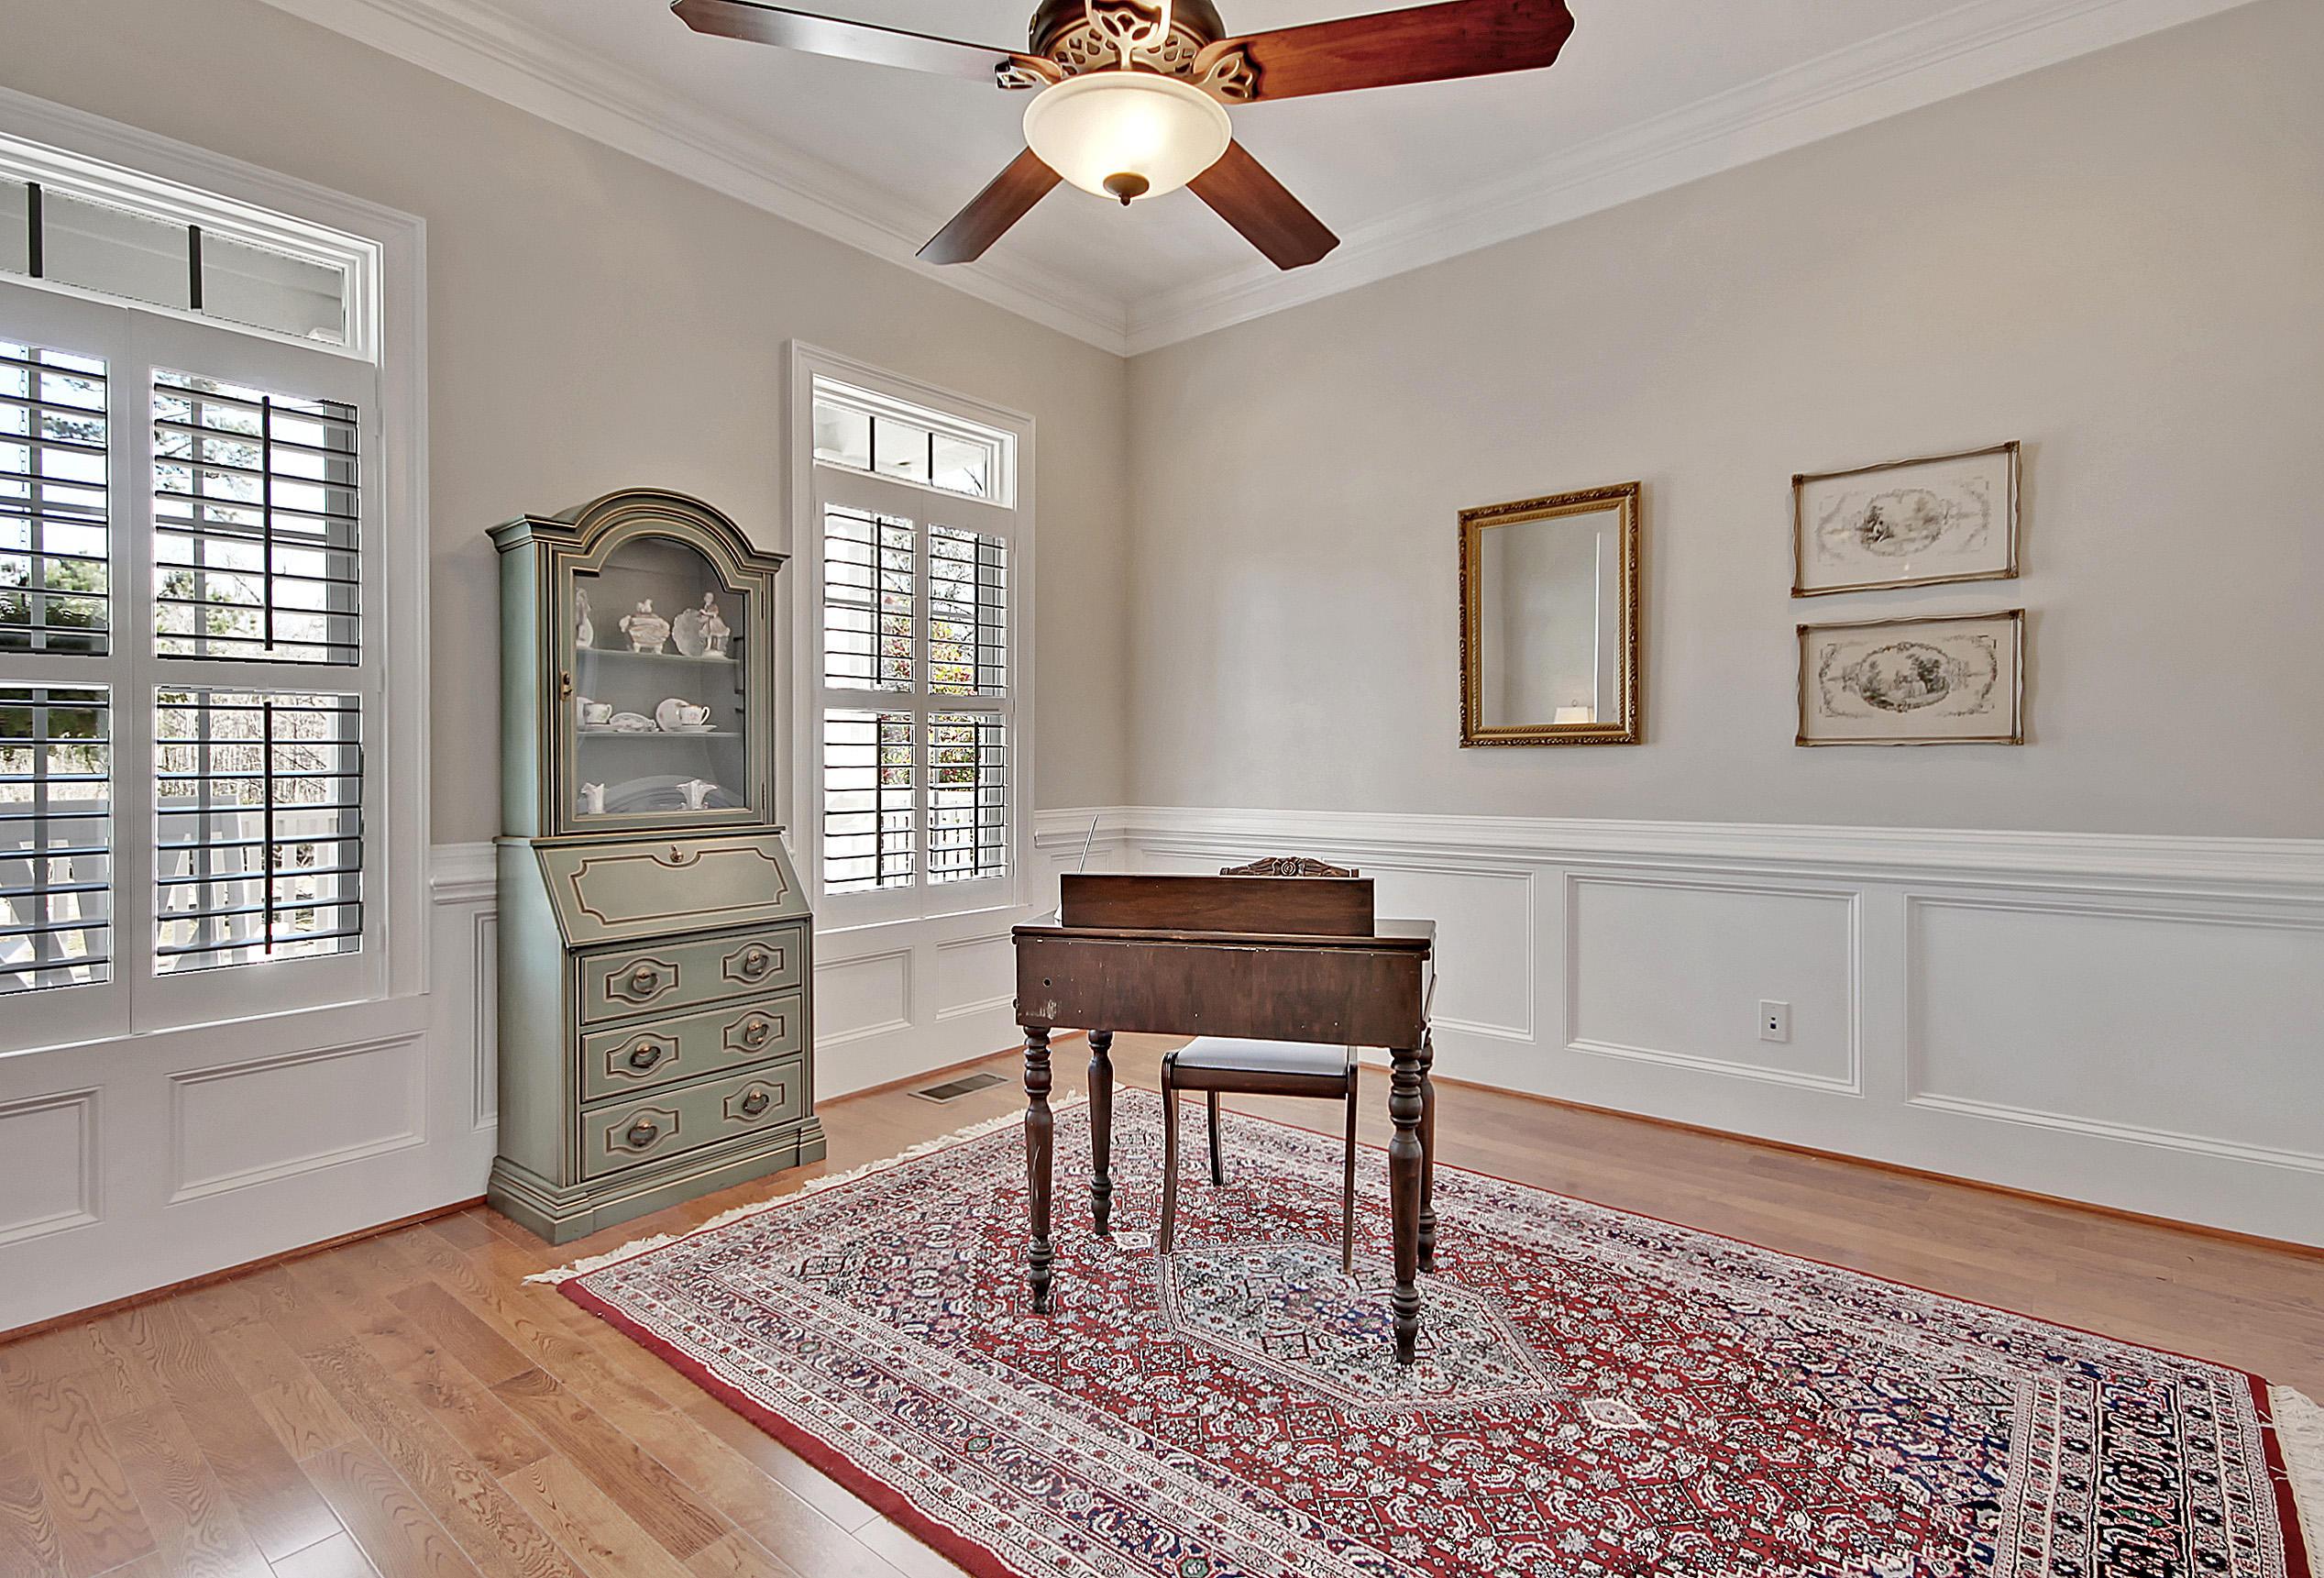 Dunes West Homes For Sale - 2721 Fountainhead, Mount Pleasant, SC - 7